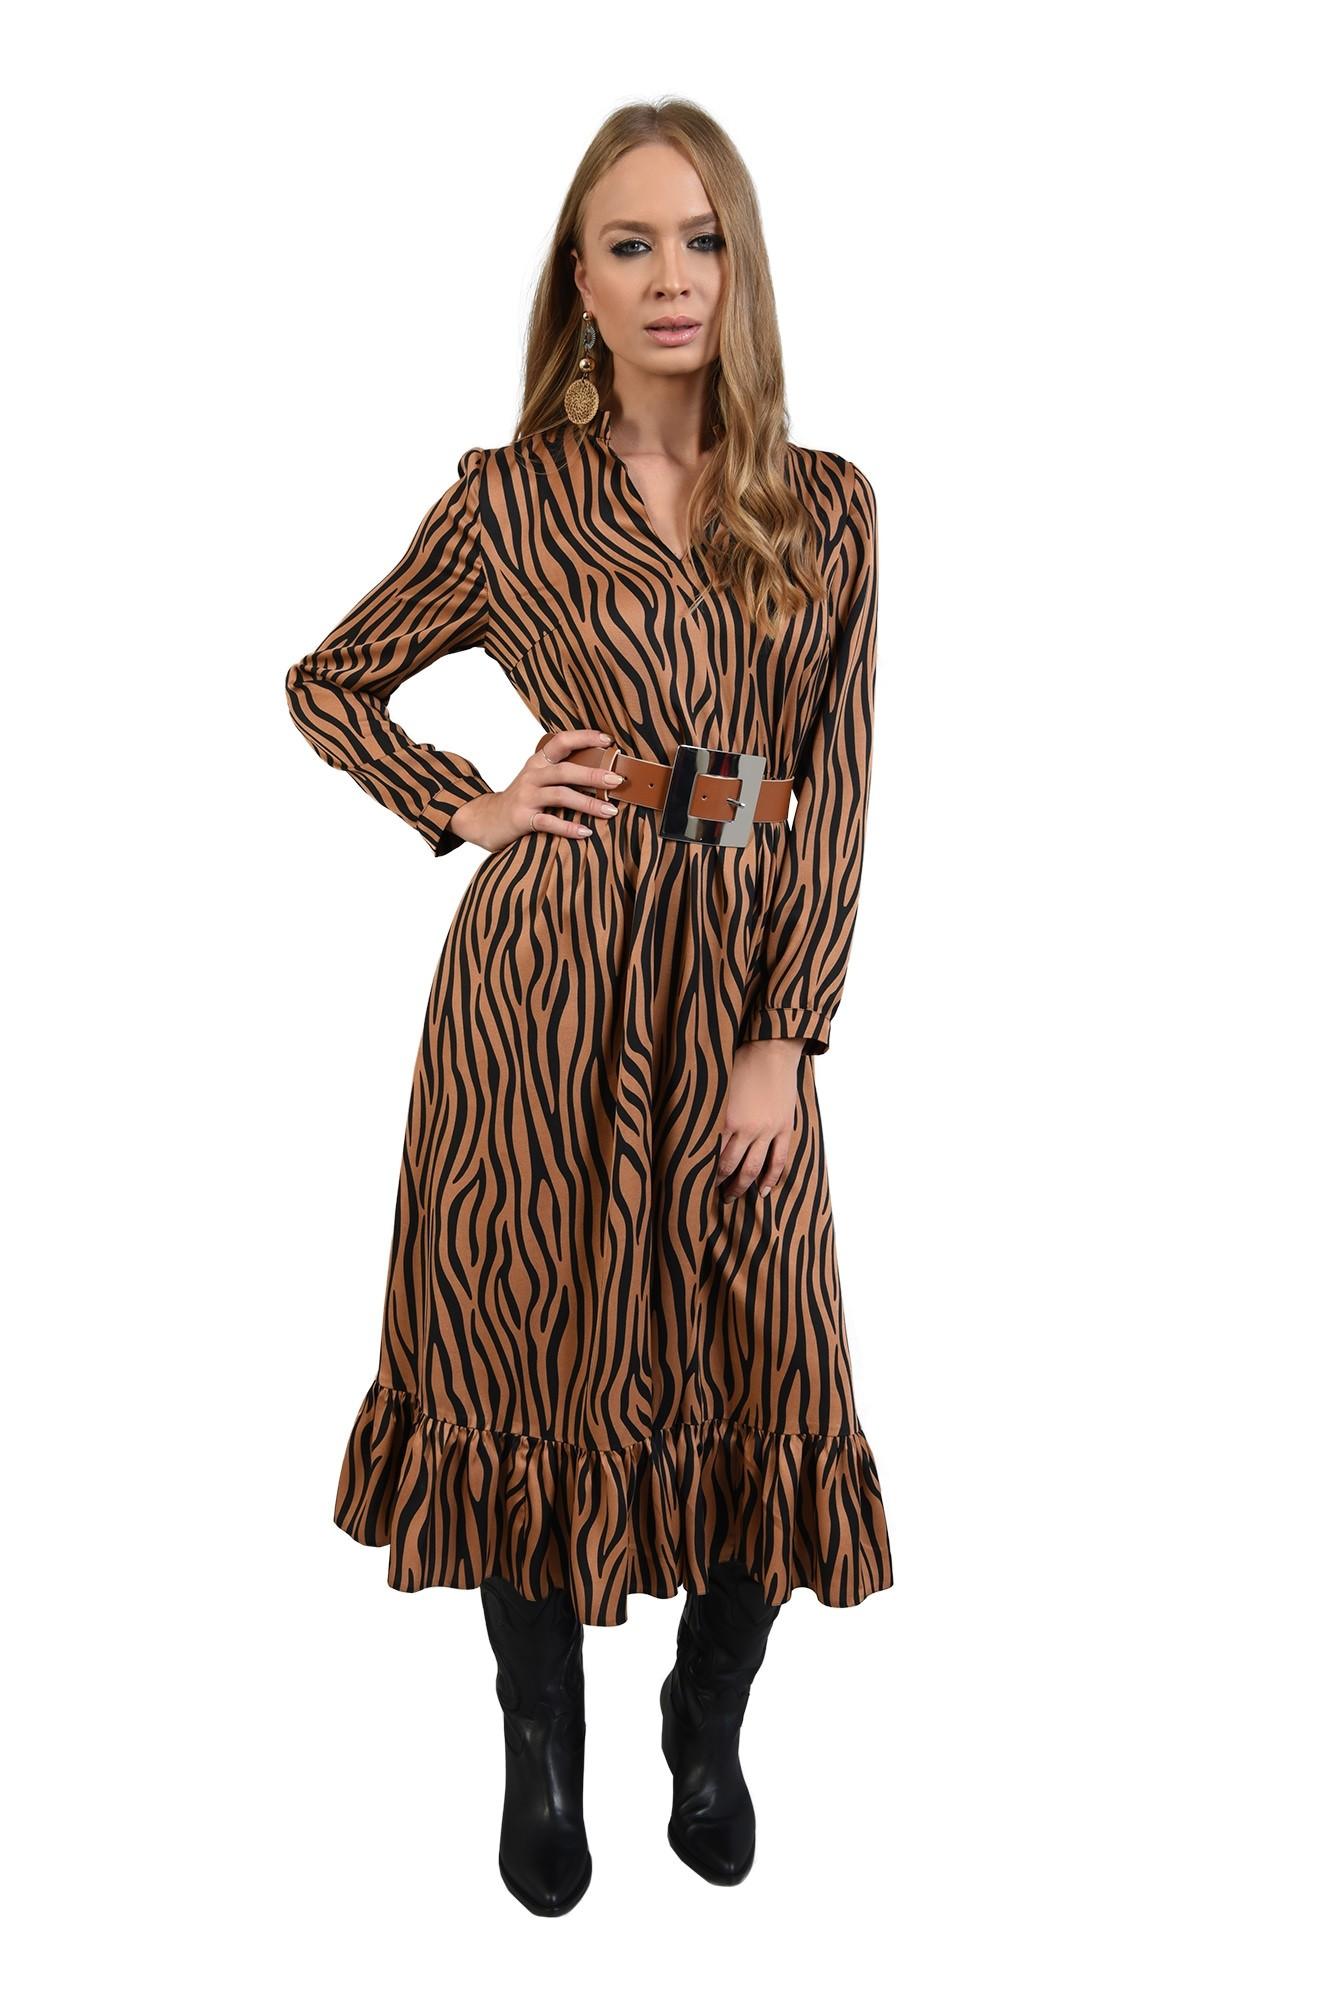 3 - rochie din satin, cu imprimeu, maneci lungi, anchior, zebra